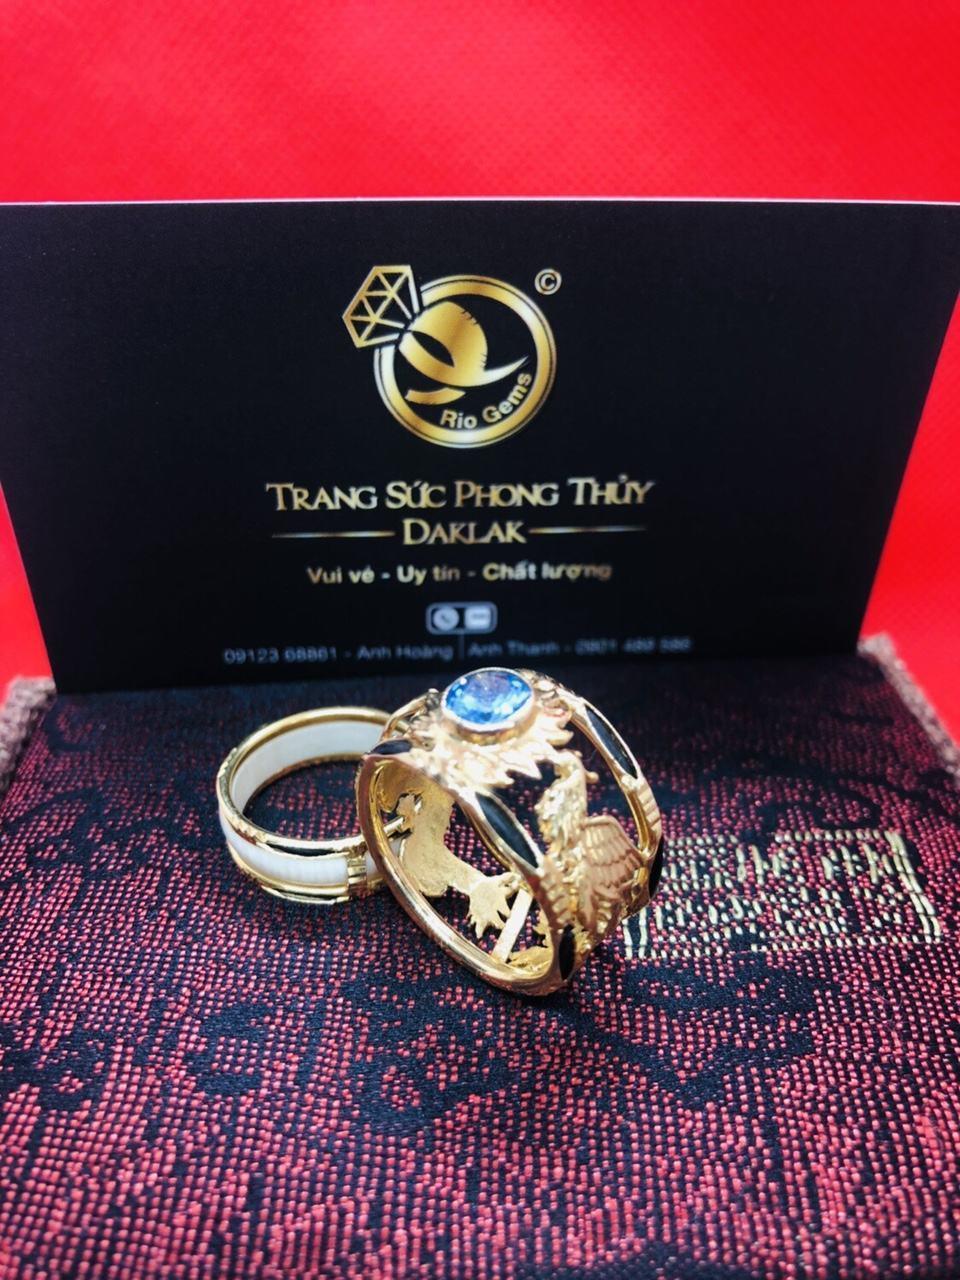 nhan long voi phong thuy rong phung vang 14k riogems (13)